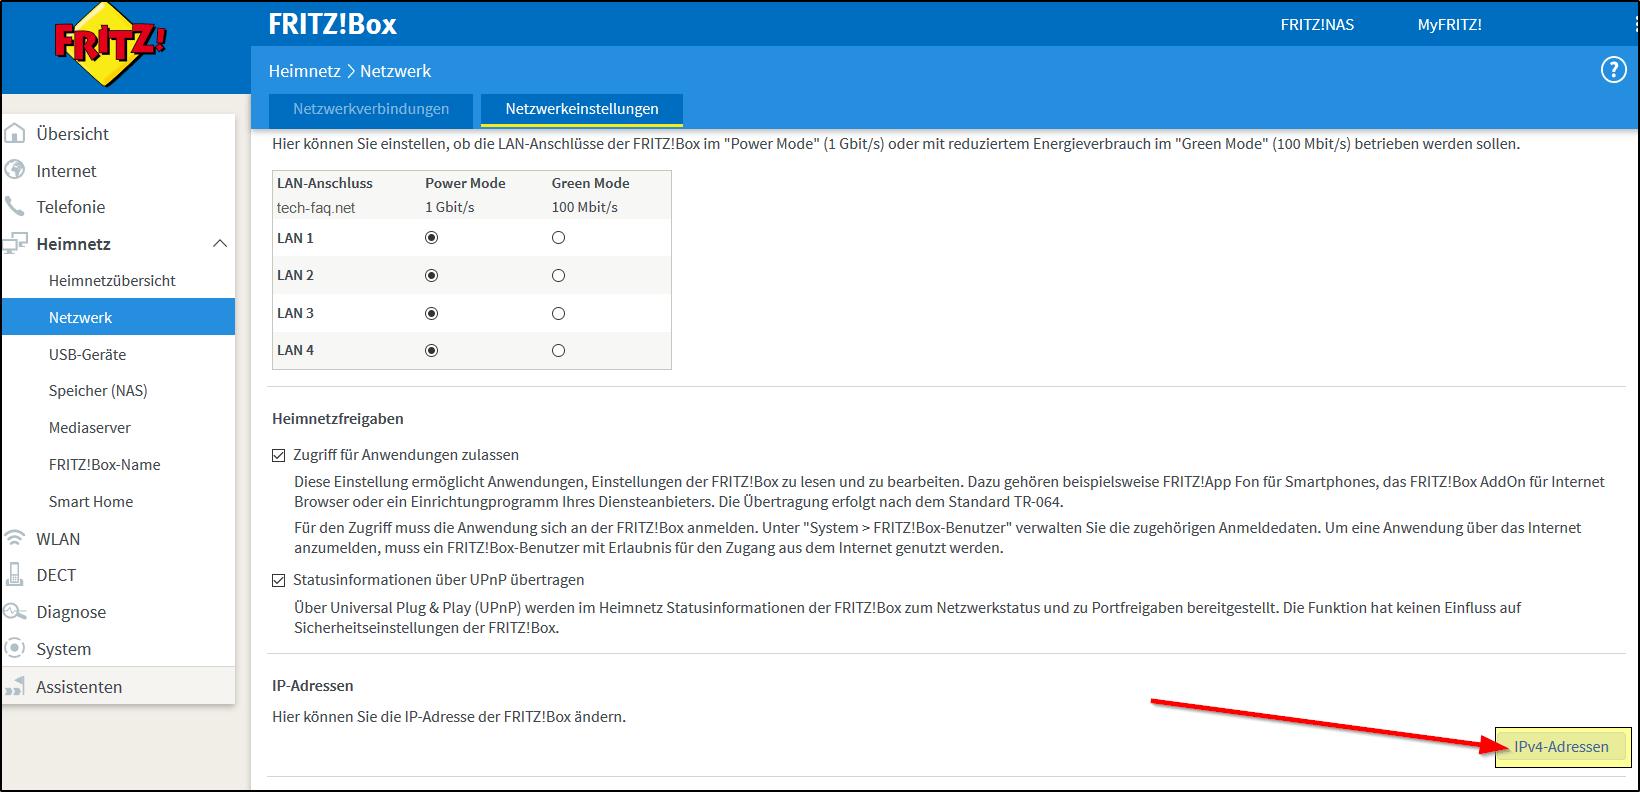 FritzBox IP-Adresse ändern